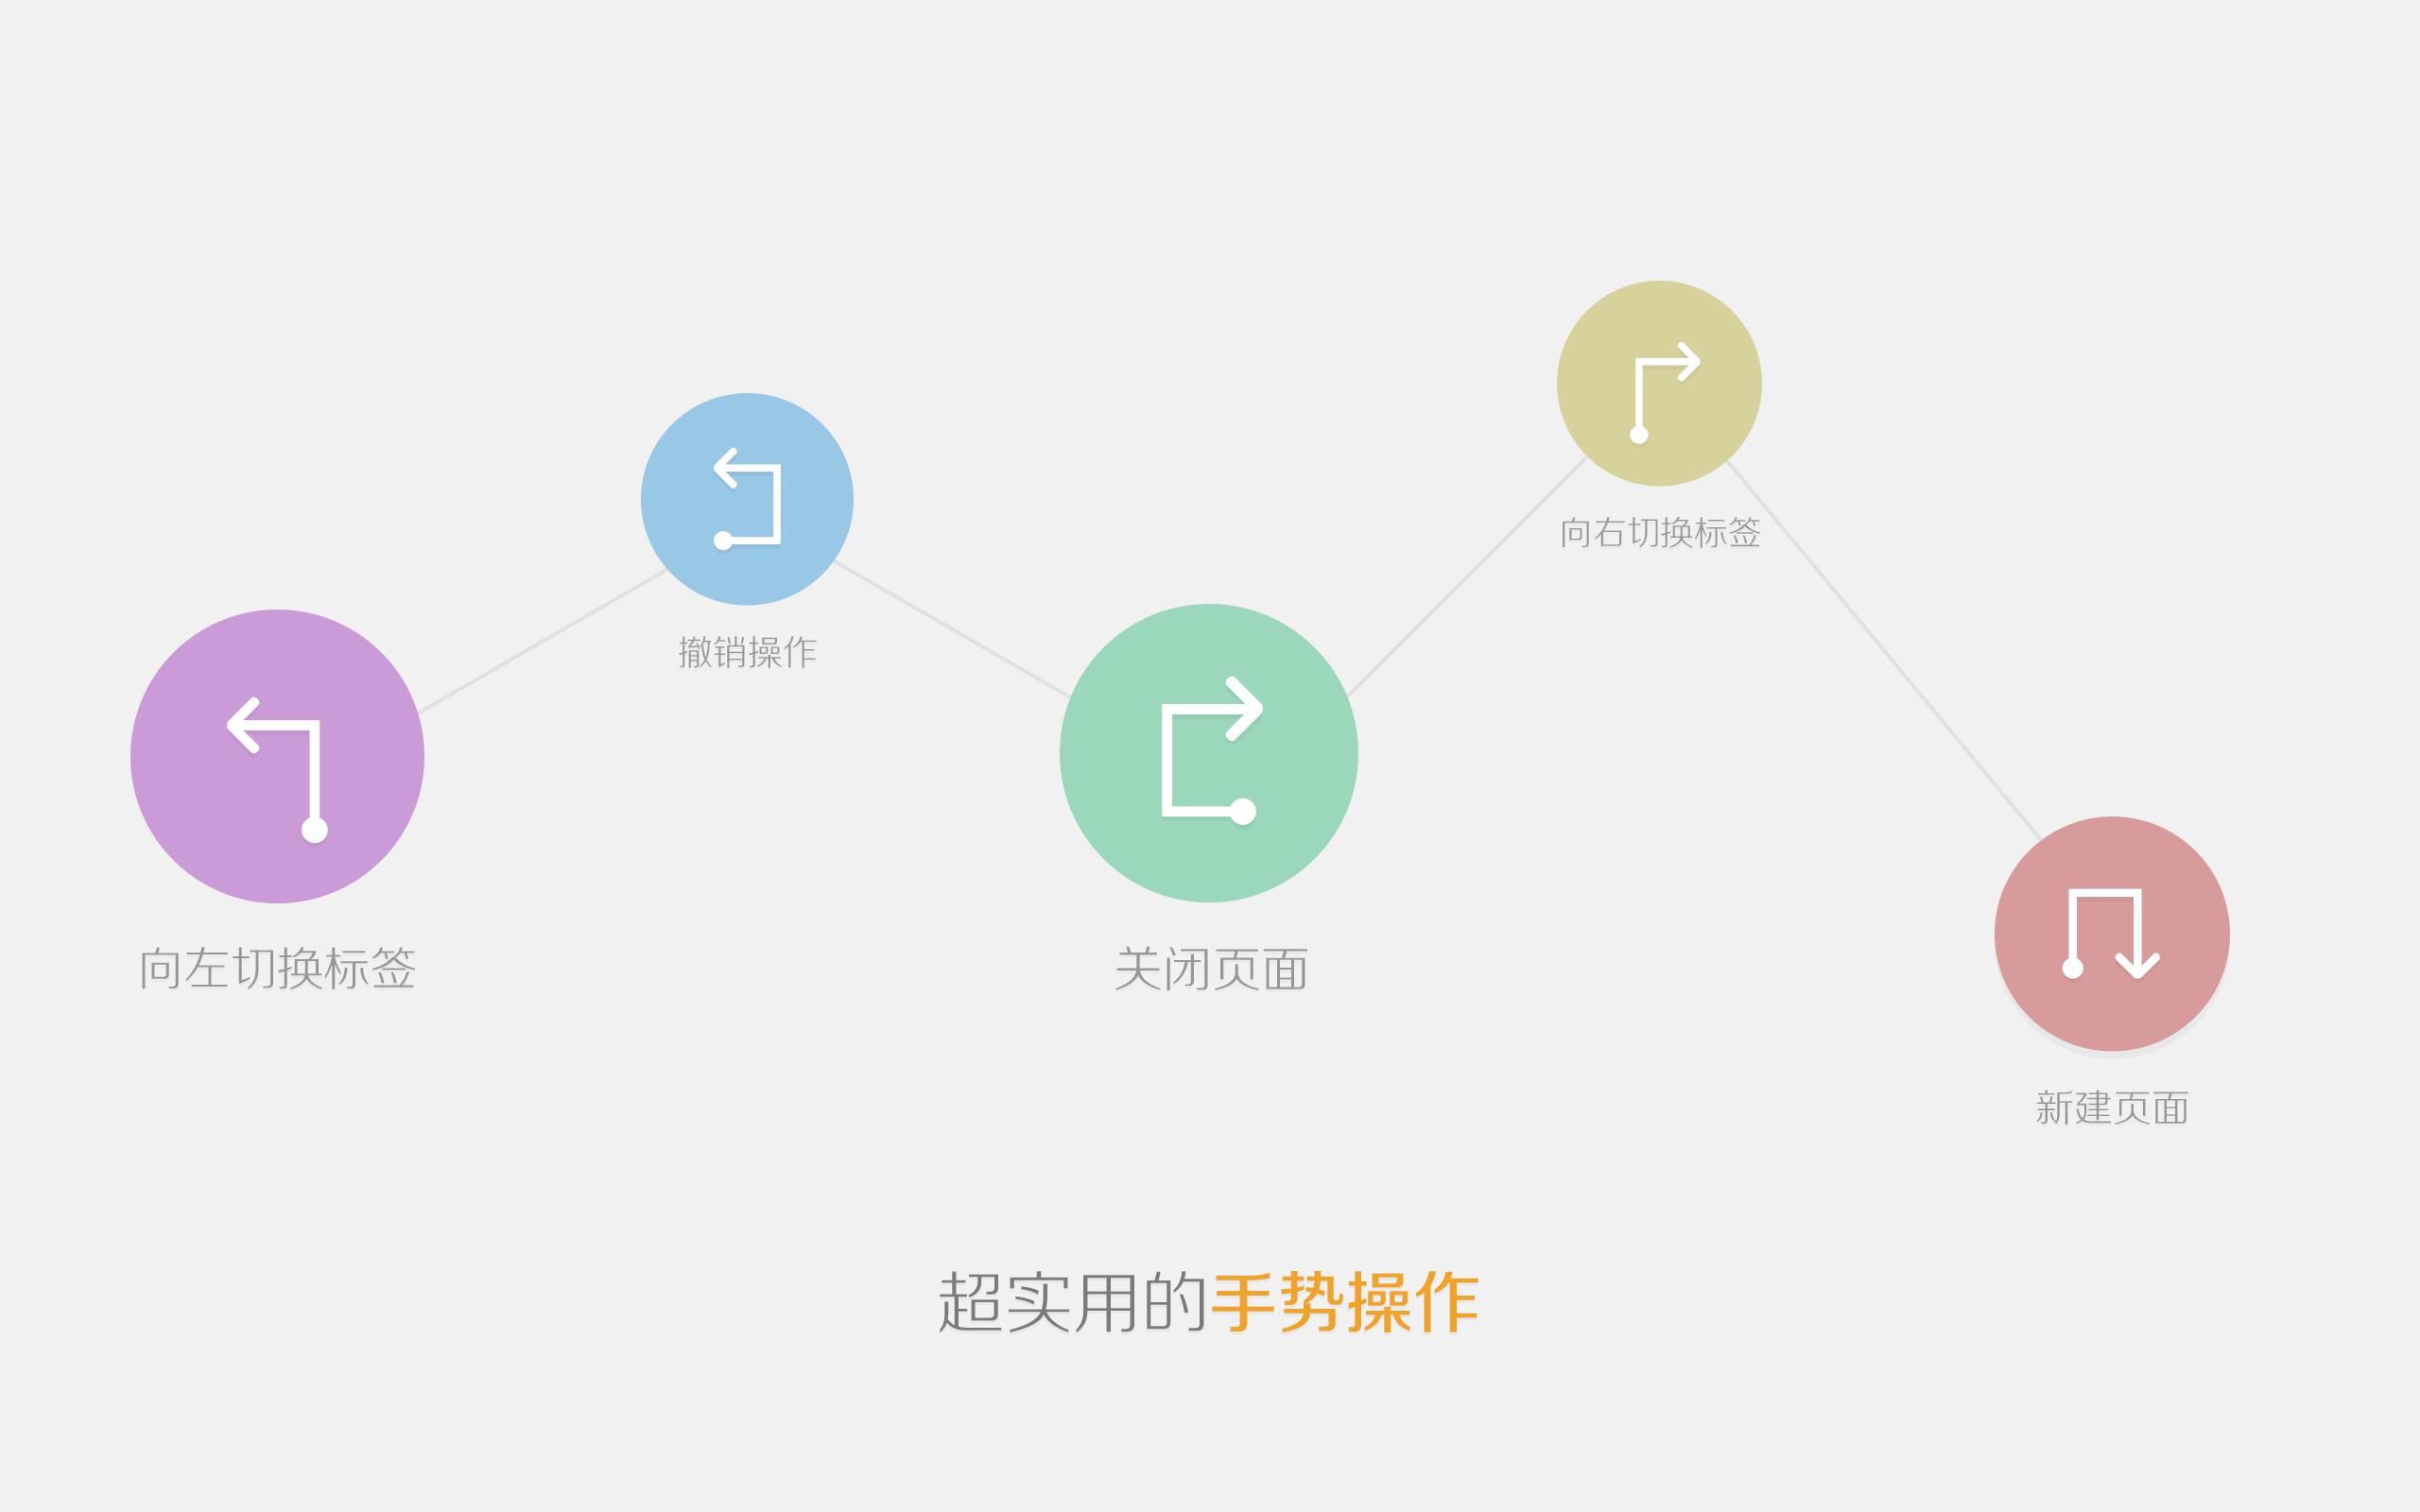 傲游浏览器pad版